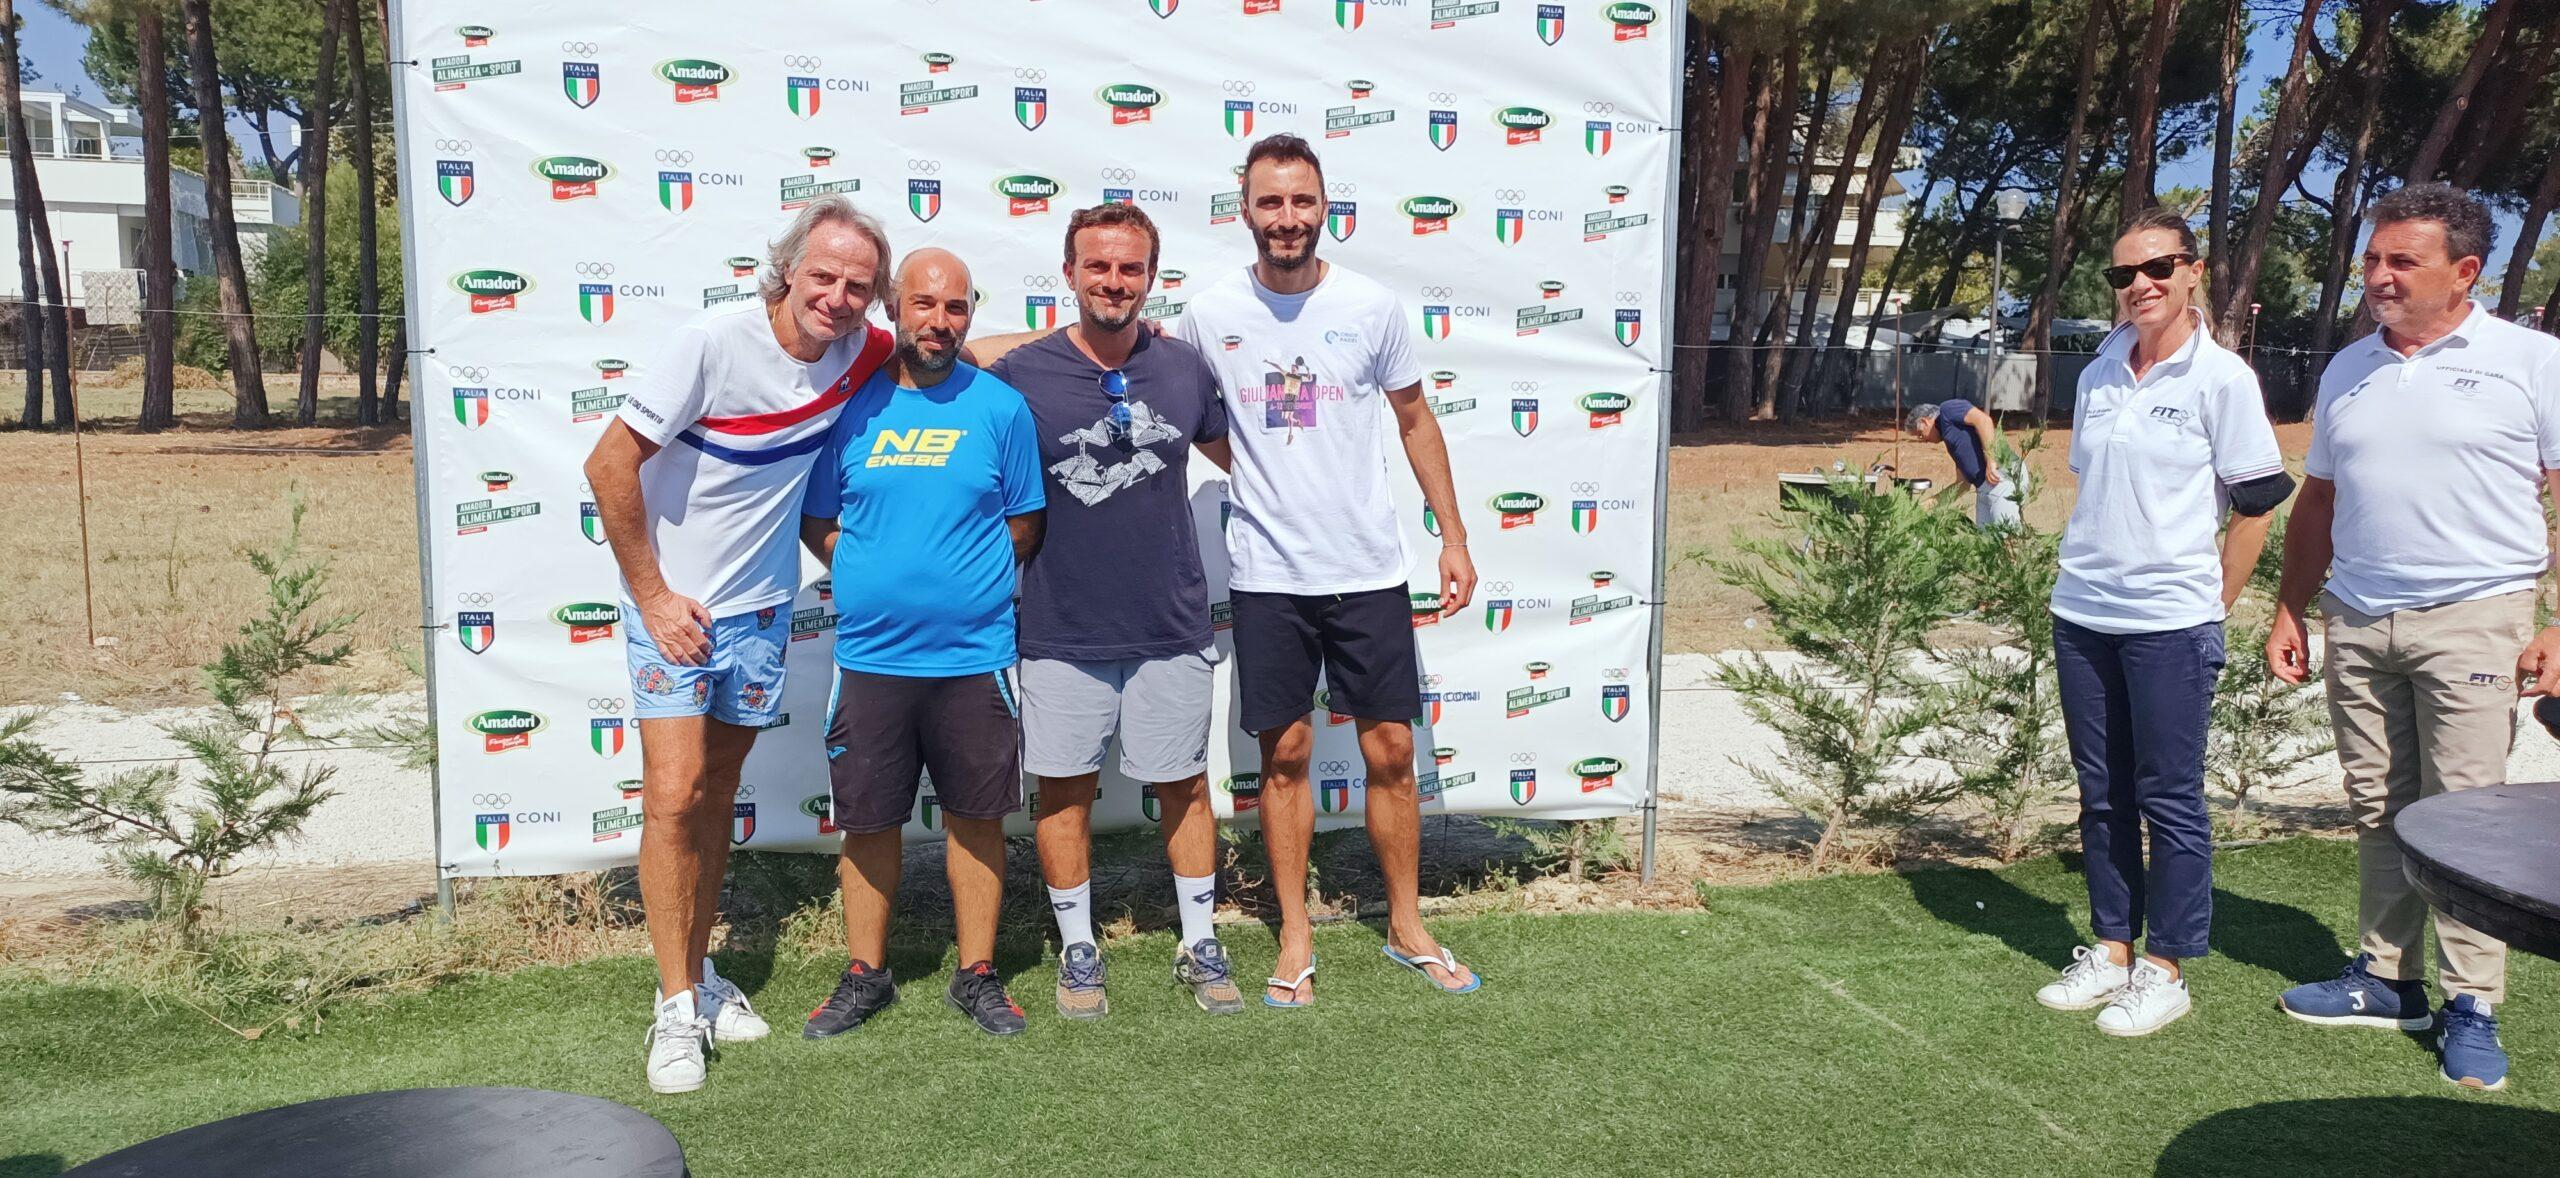 Padel Giulianova. Tanti azzurri in gara, alla fine vincono i favoriti: Capitani-Cattaneo e Orsi-Tommasi